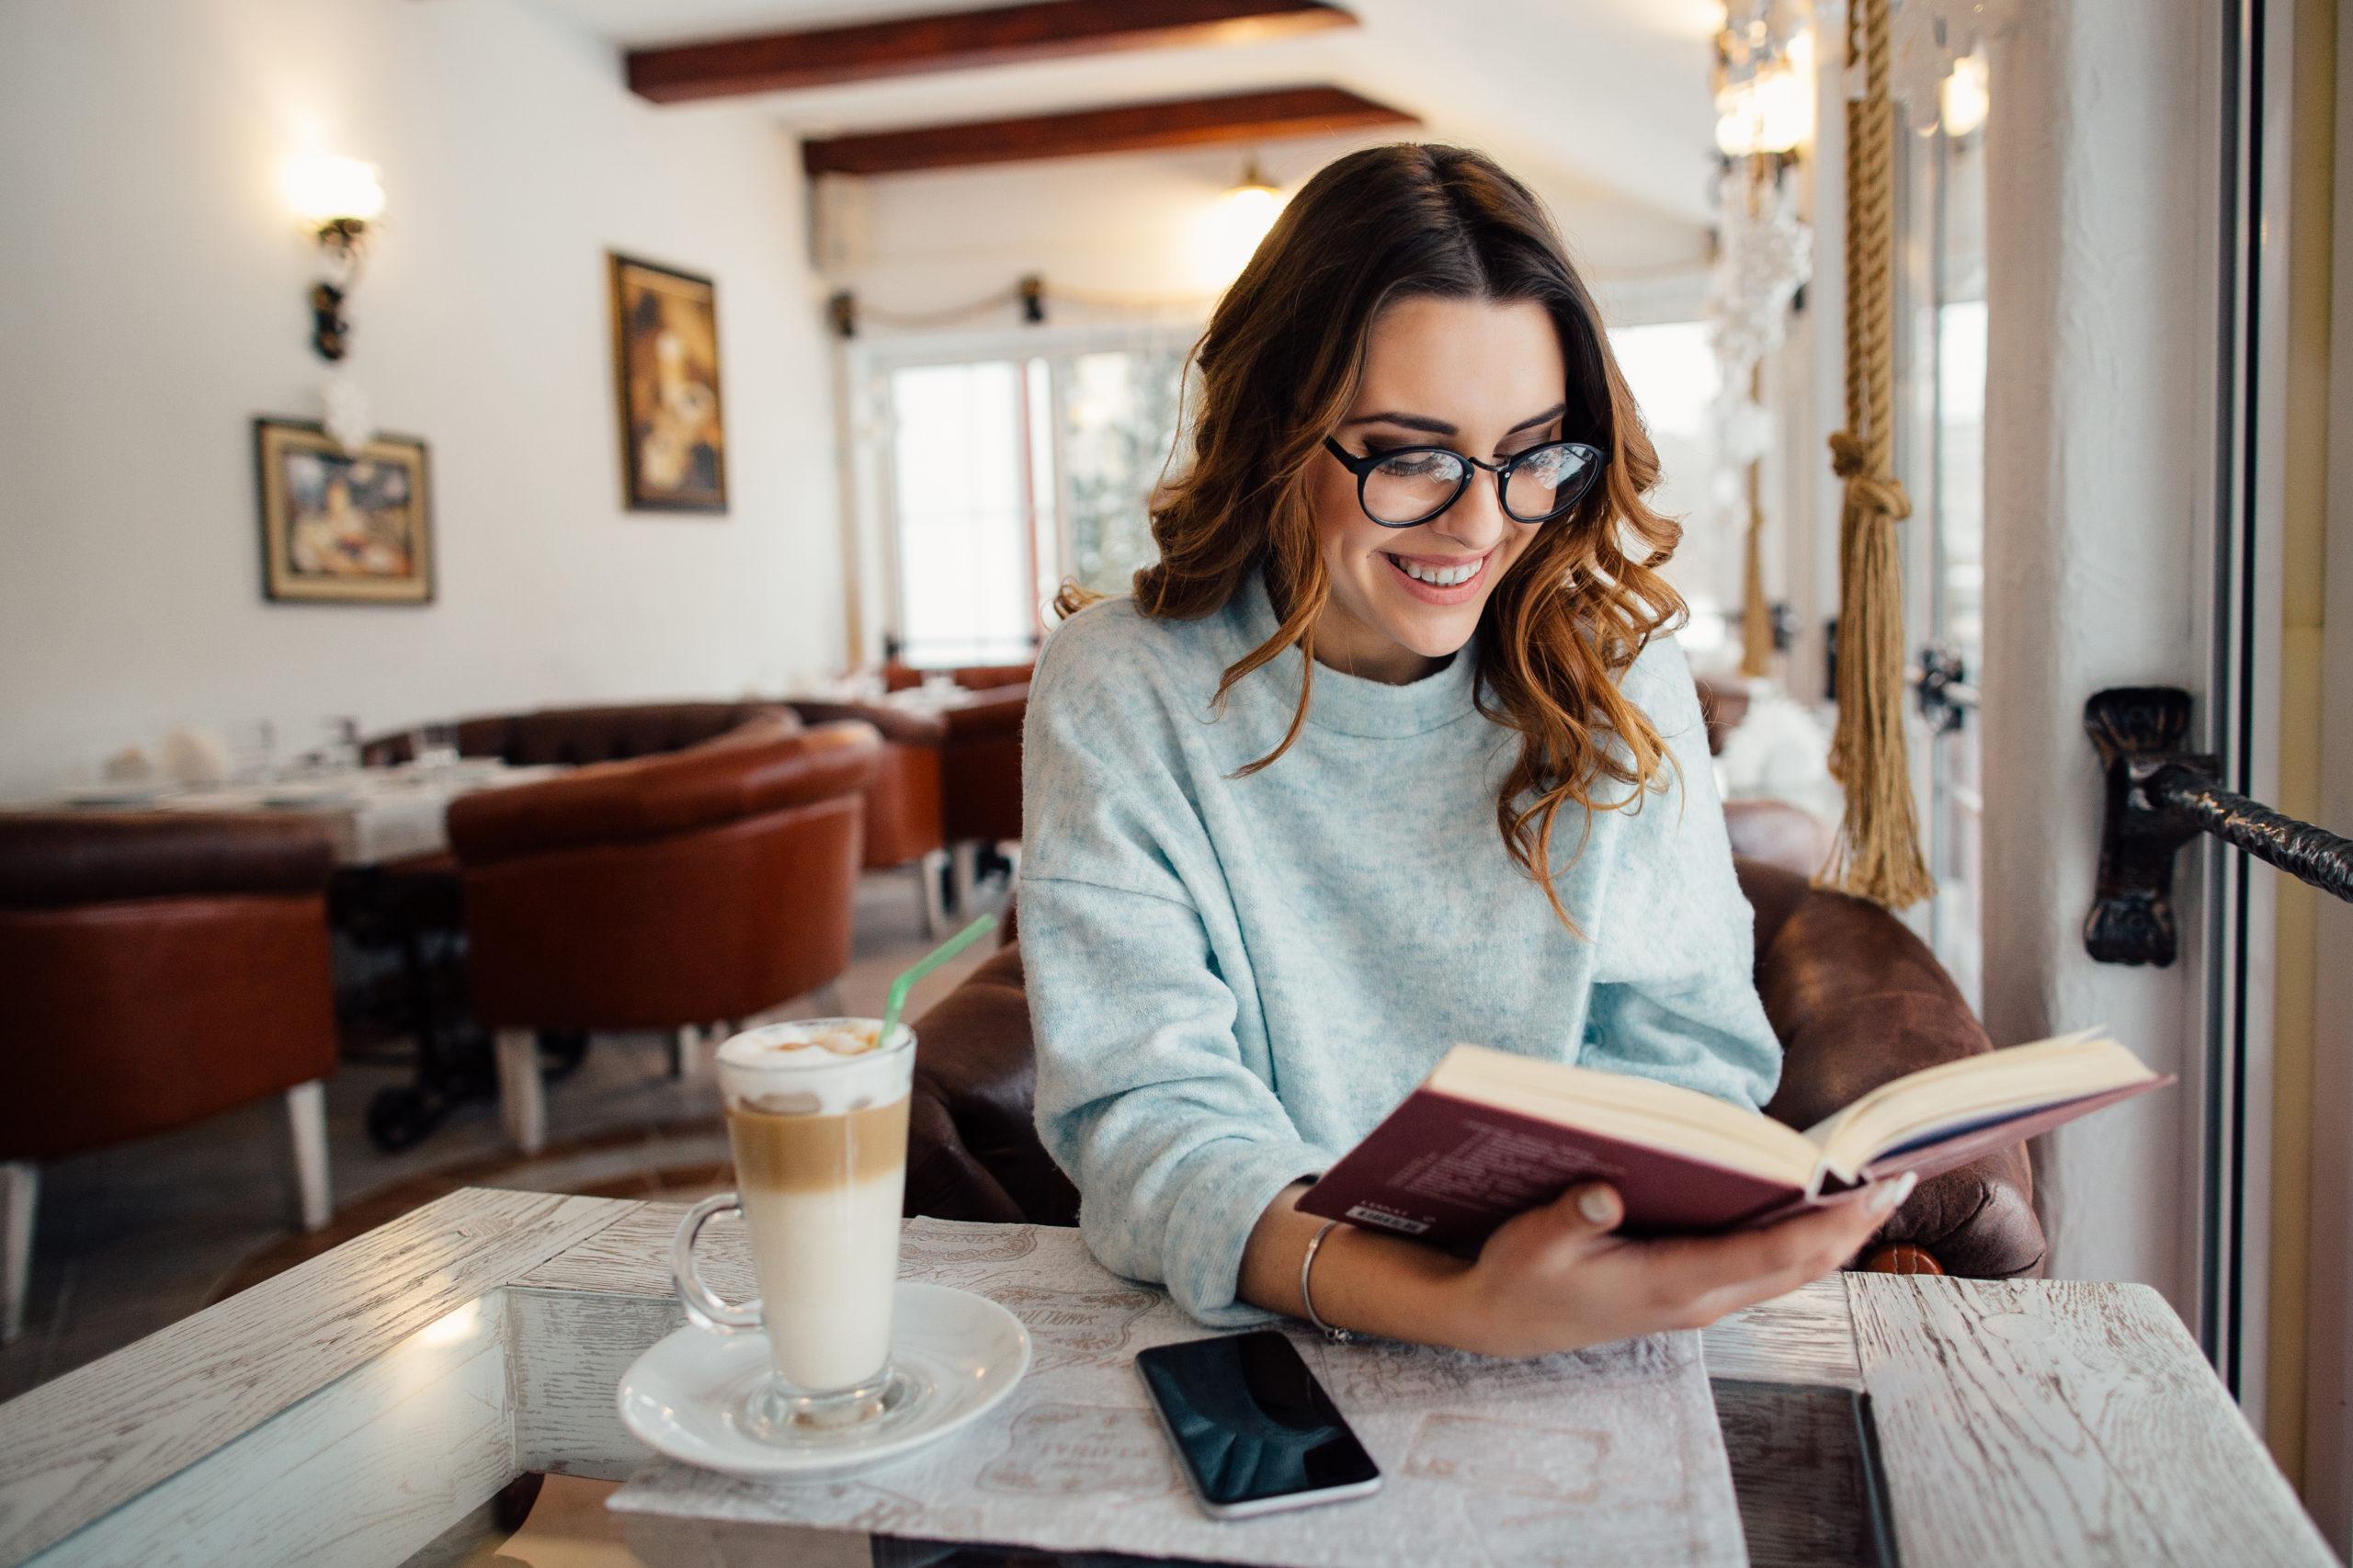 #YoMeQuedoEnCasa: 4 planes que puedes hacer para disfrutar del tiempo en casa